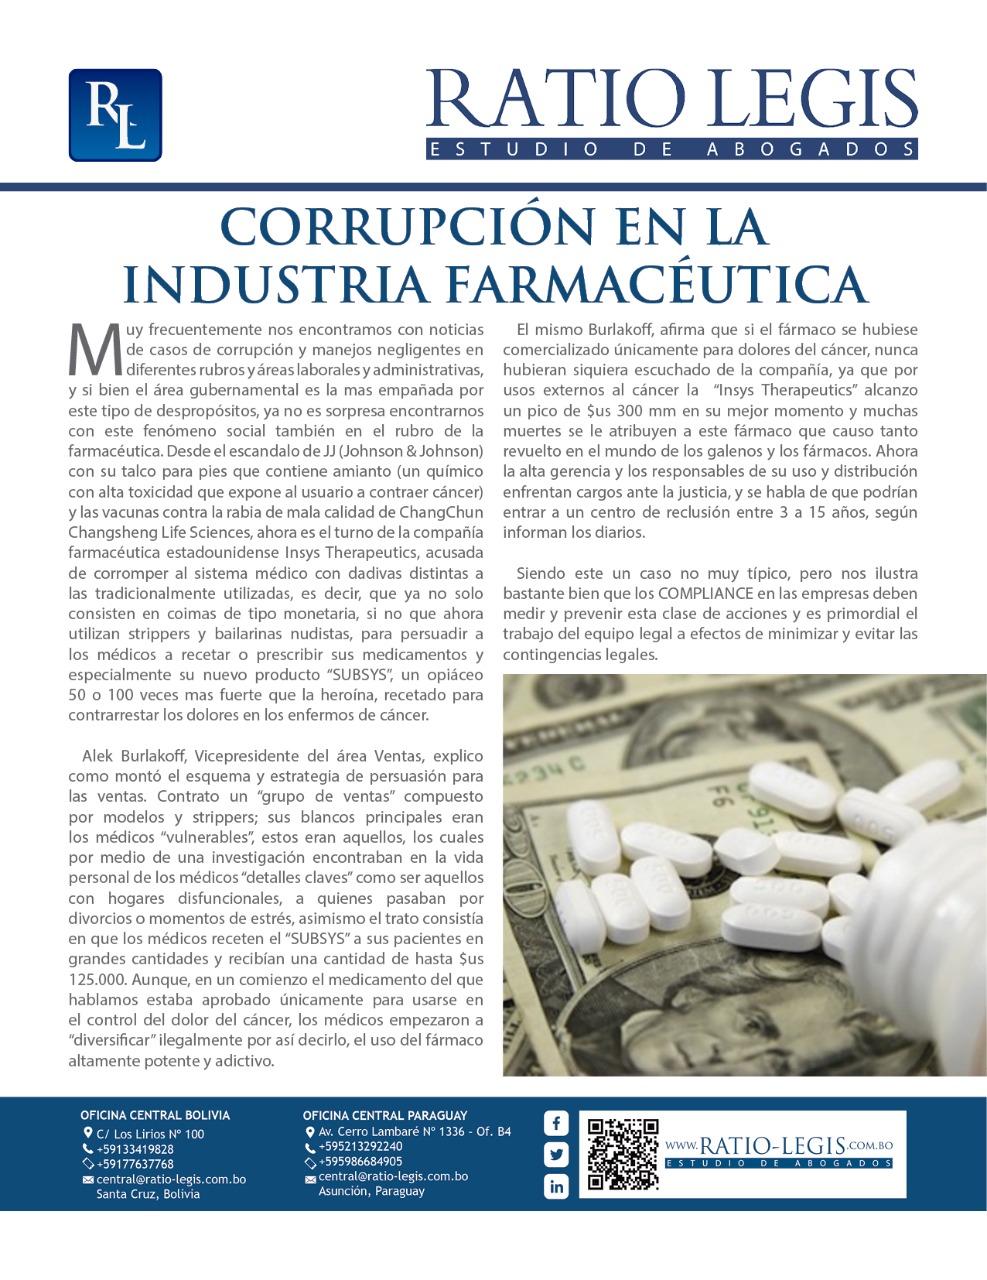 (Español) Corrupción en la Industria Farmacéutica